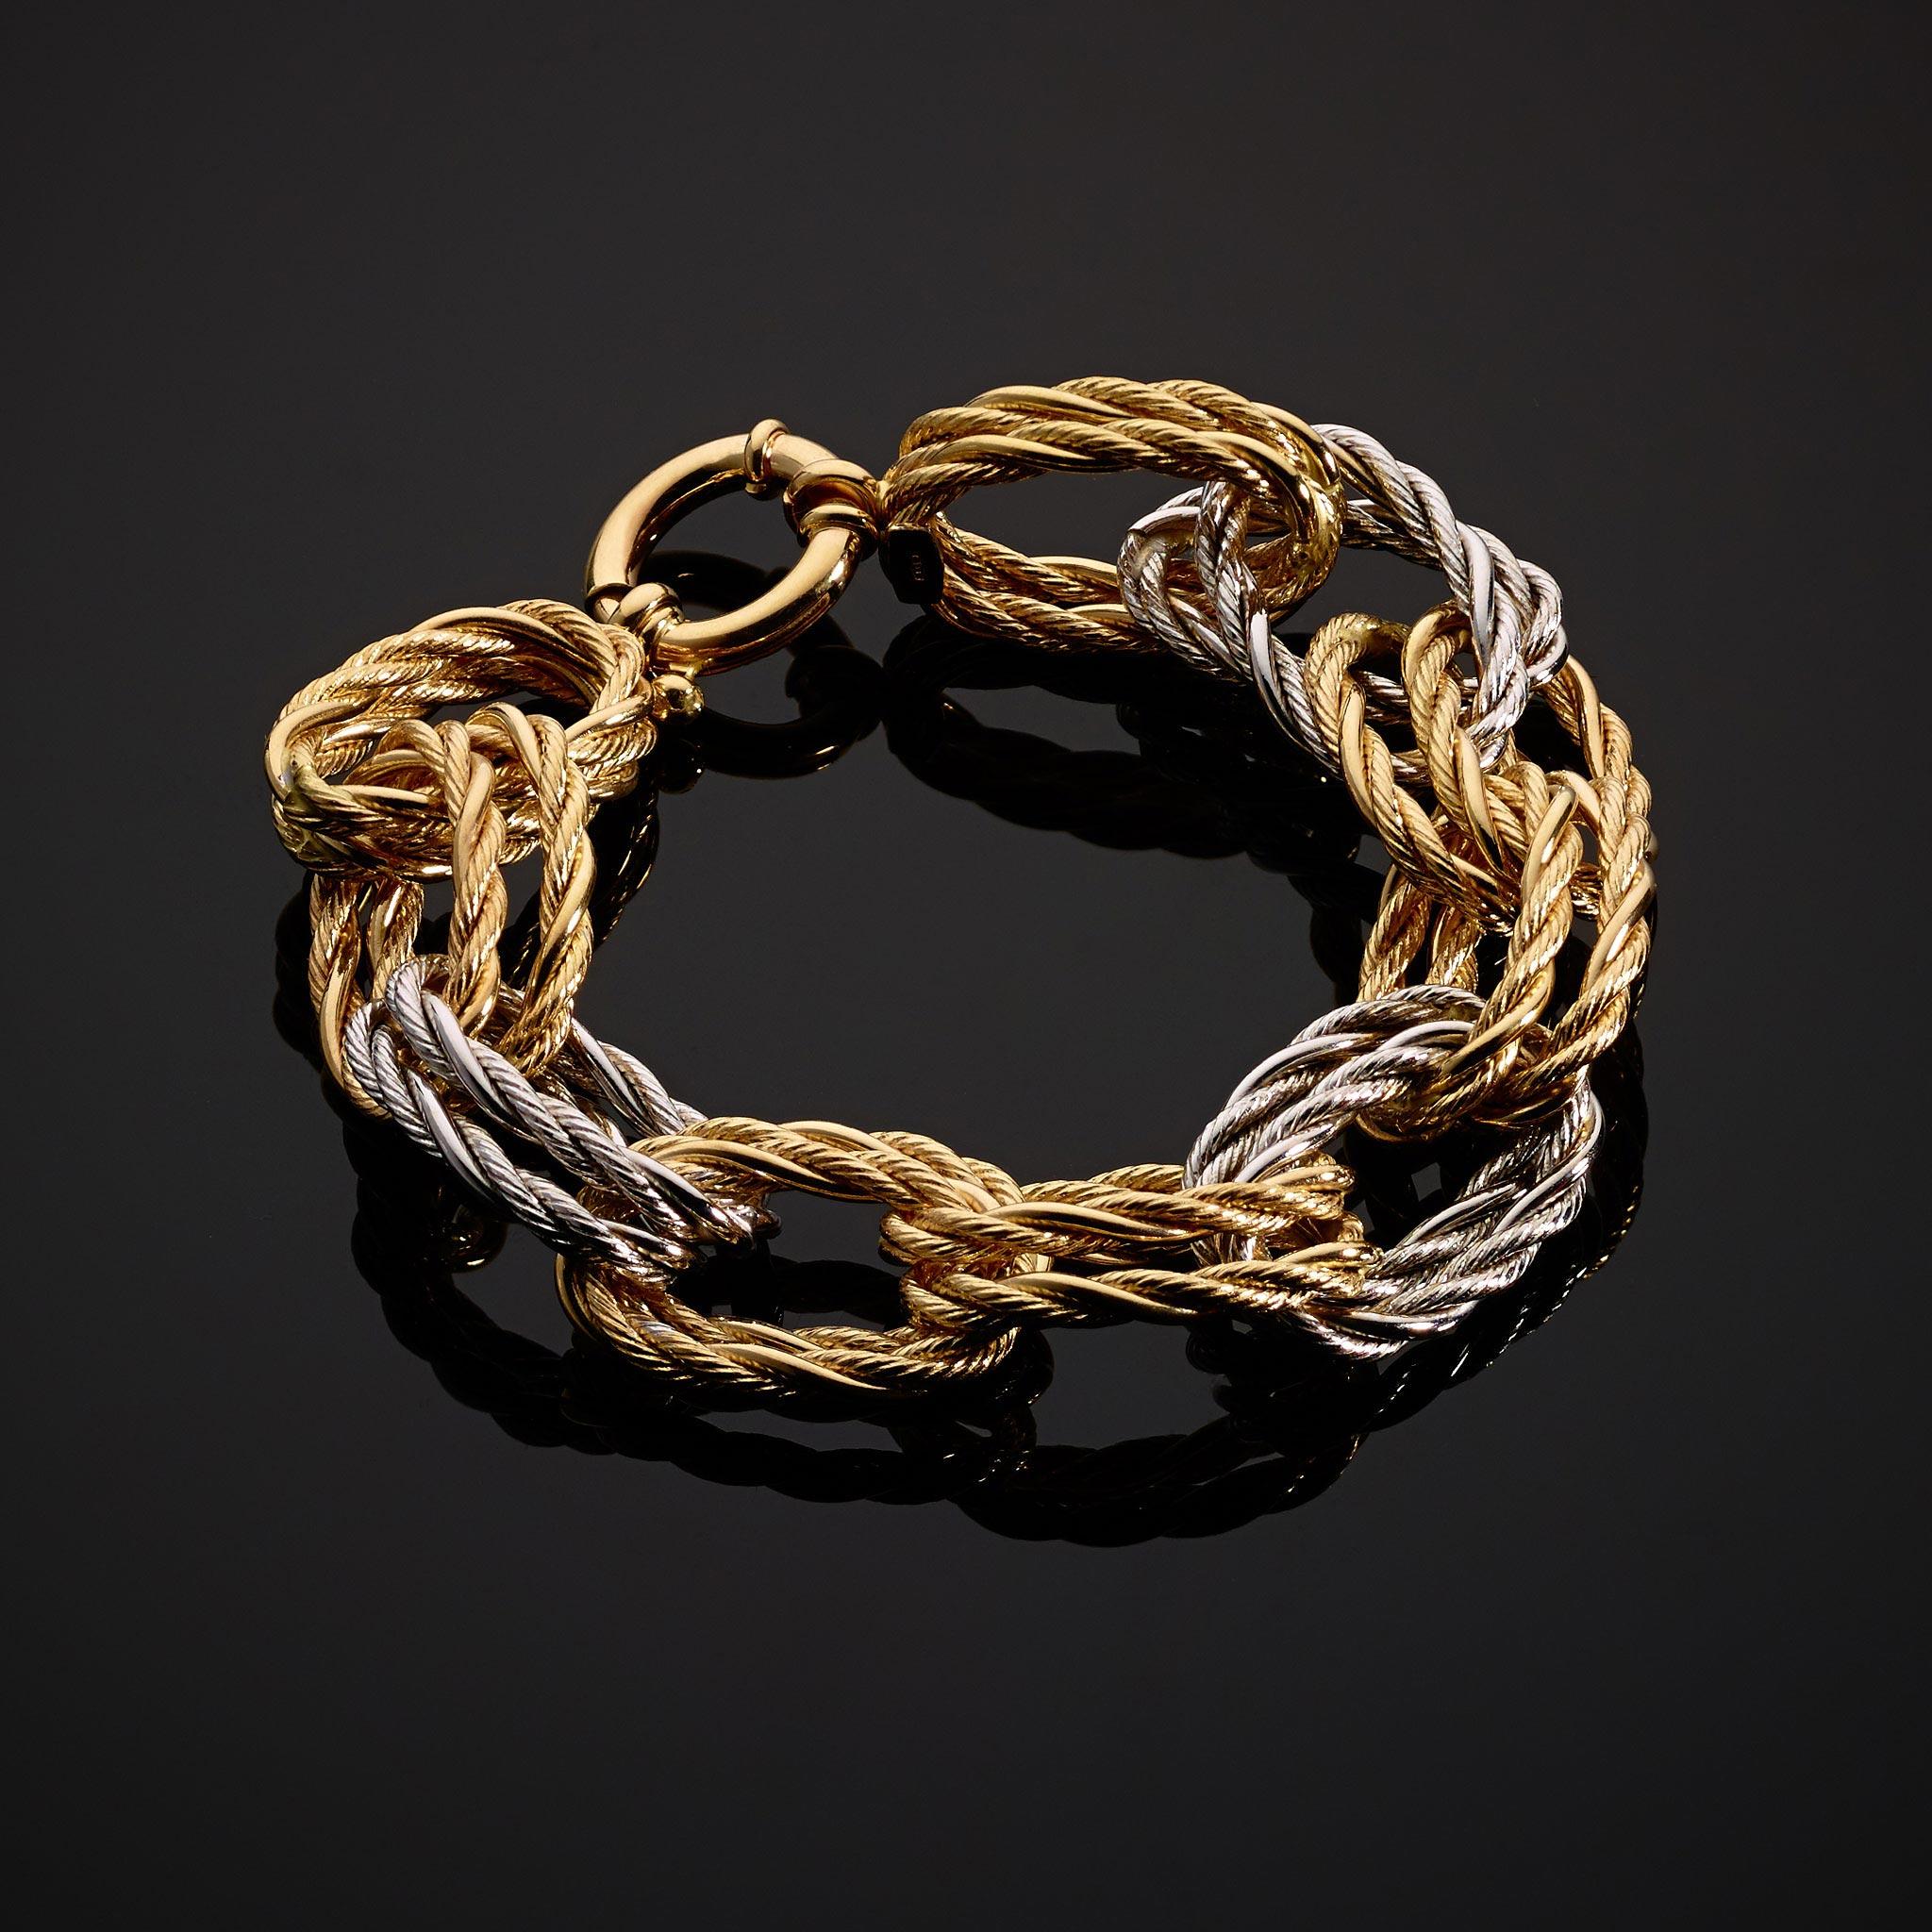 jewelry_016.jpg